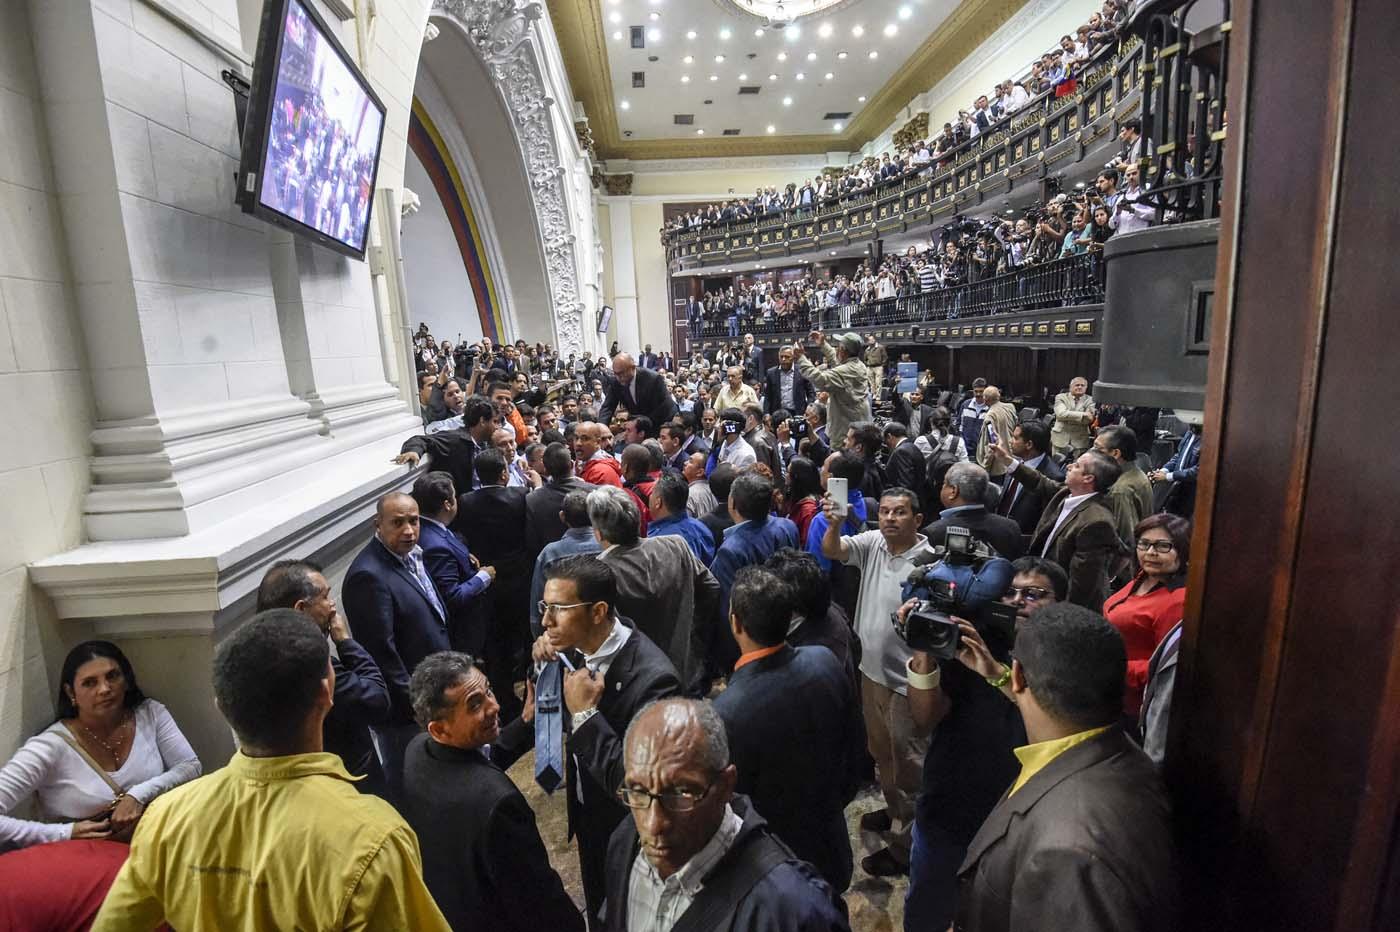 Gobierno de Nicolas Maduro. - Página 18 000_HF3QJ